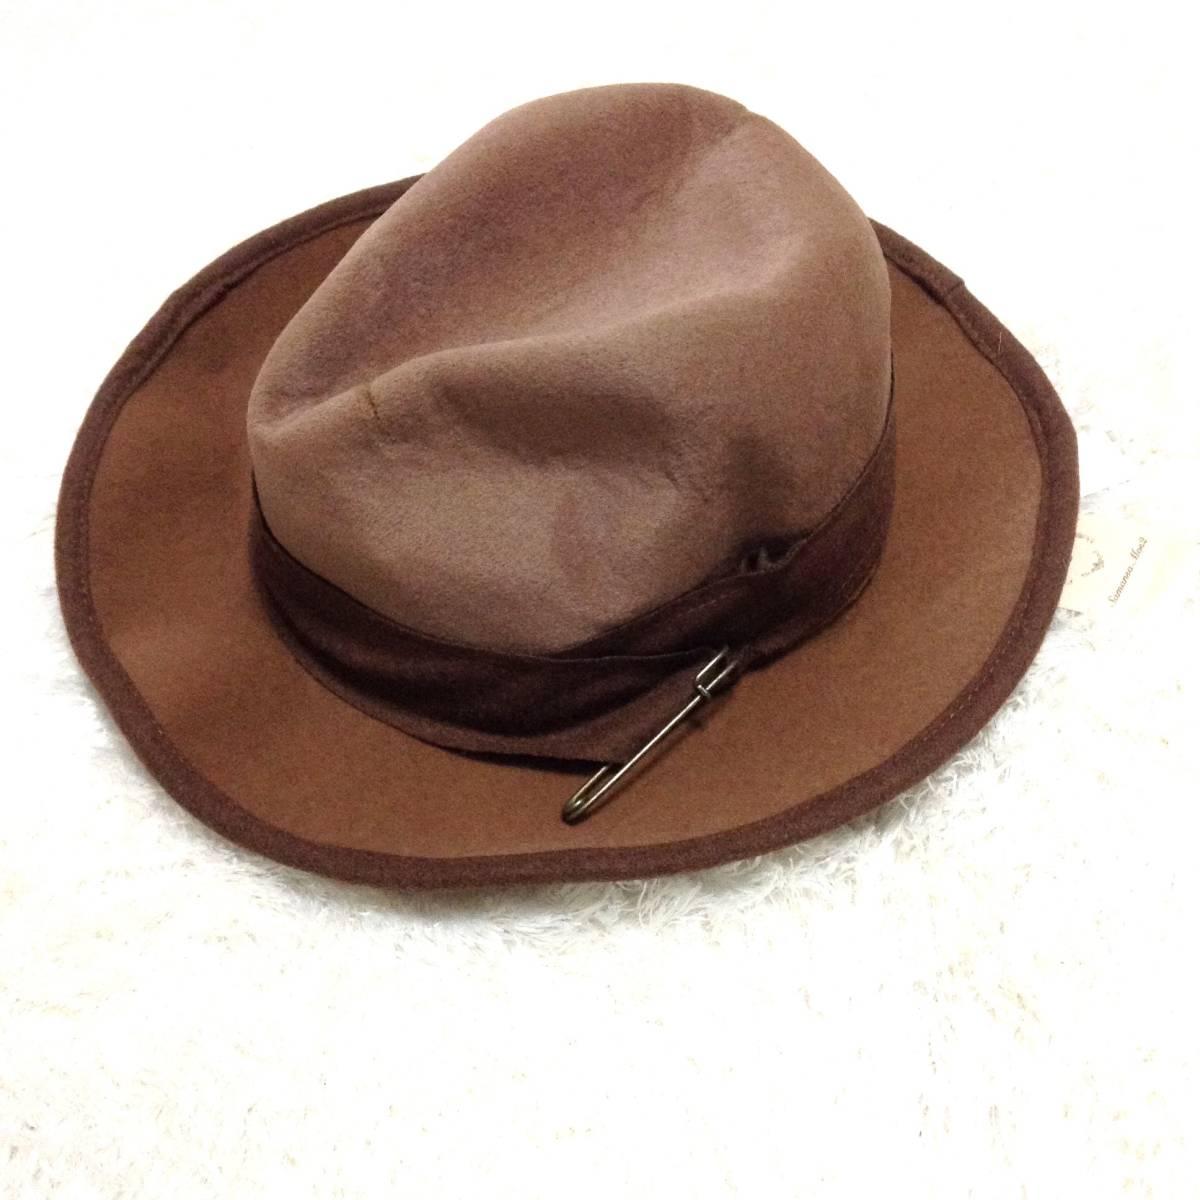 帽子 まとめ売り 中折れハット レディース タグ付き 新品 未使用 匿名配送 ファッション小物 女性用